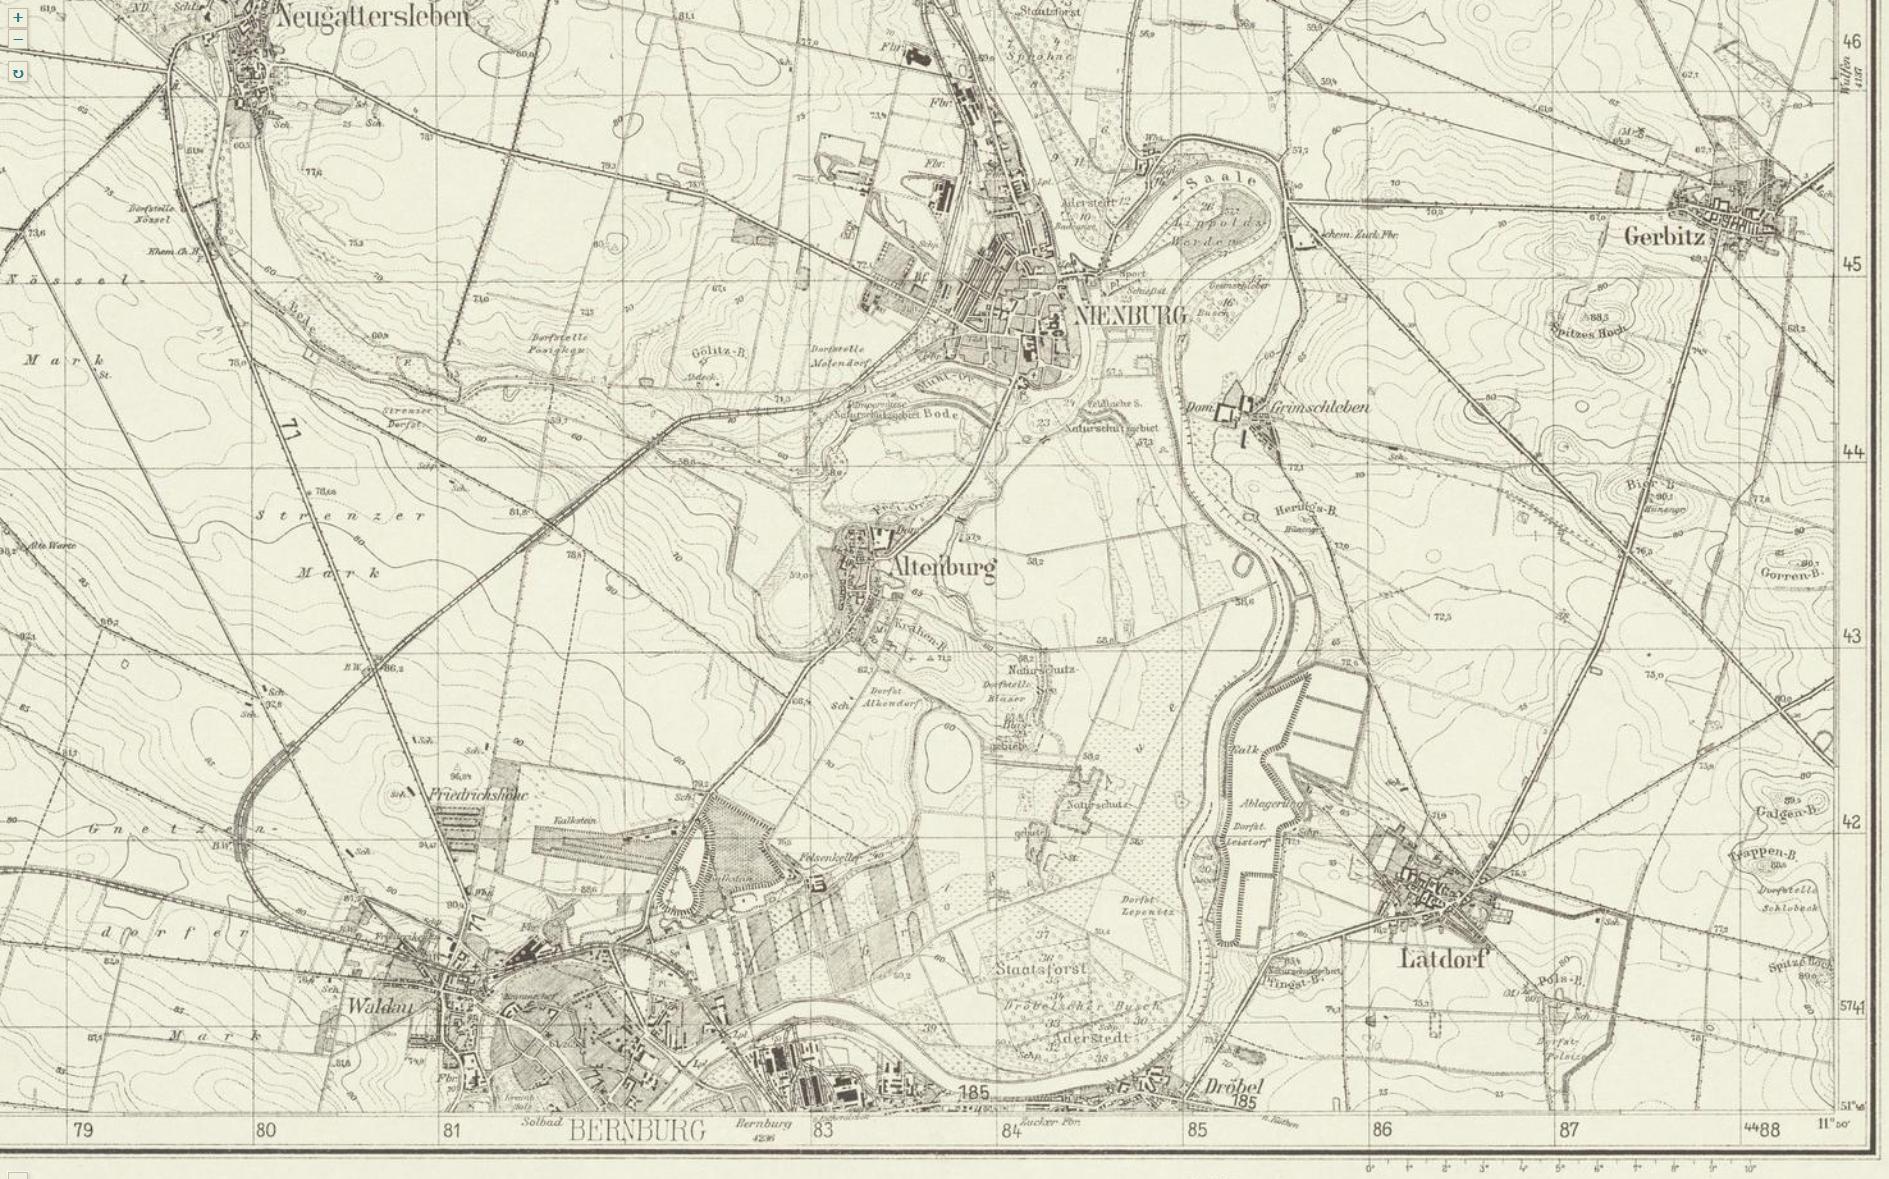 Kartenausschnitt Saaleverlauf Bernburg